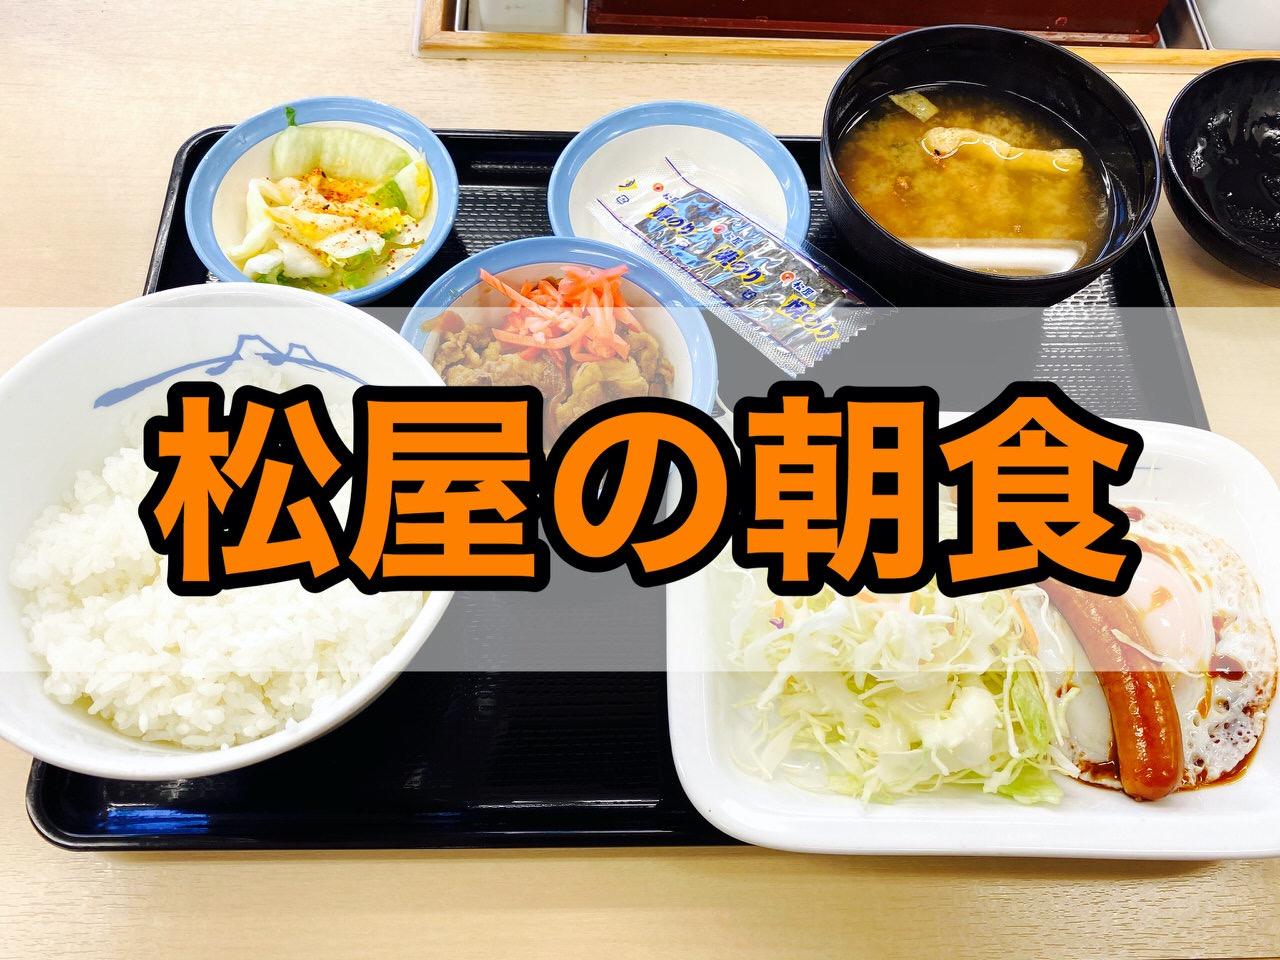 【松屋の朝ごはん】「選べる小鉢の玉子かけごはん」「ソーセージエッグ定食」食べてみた